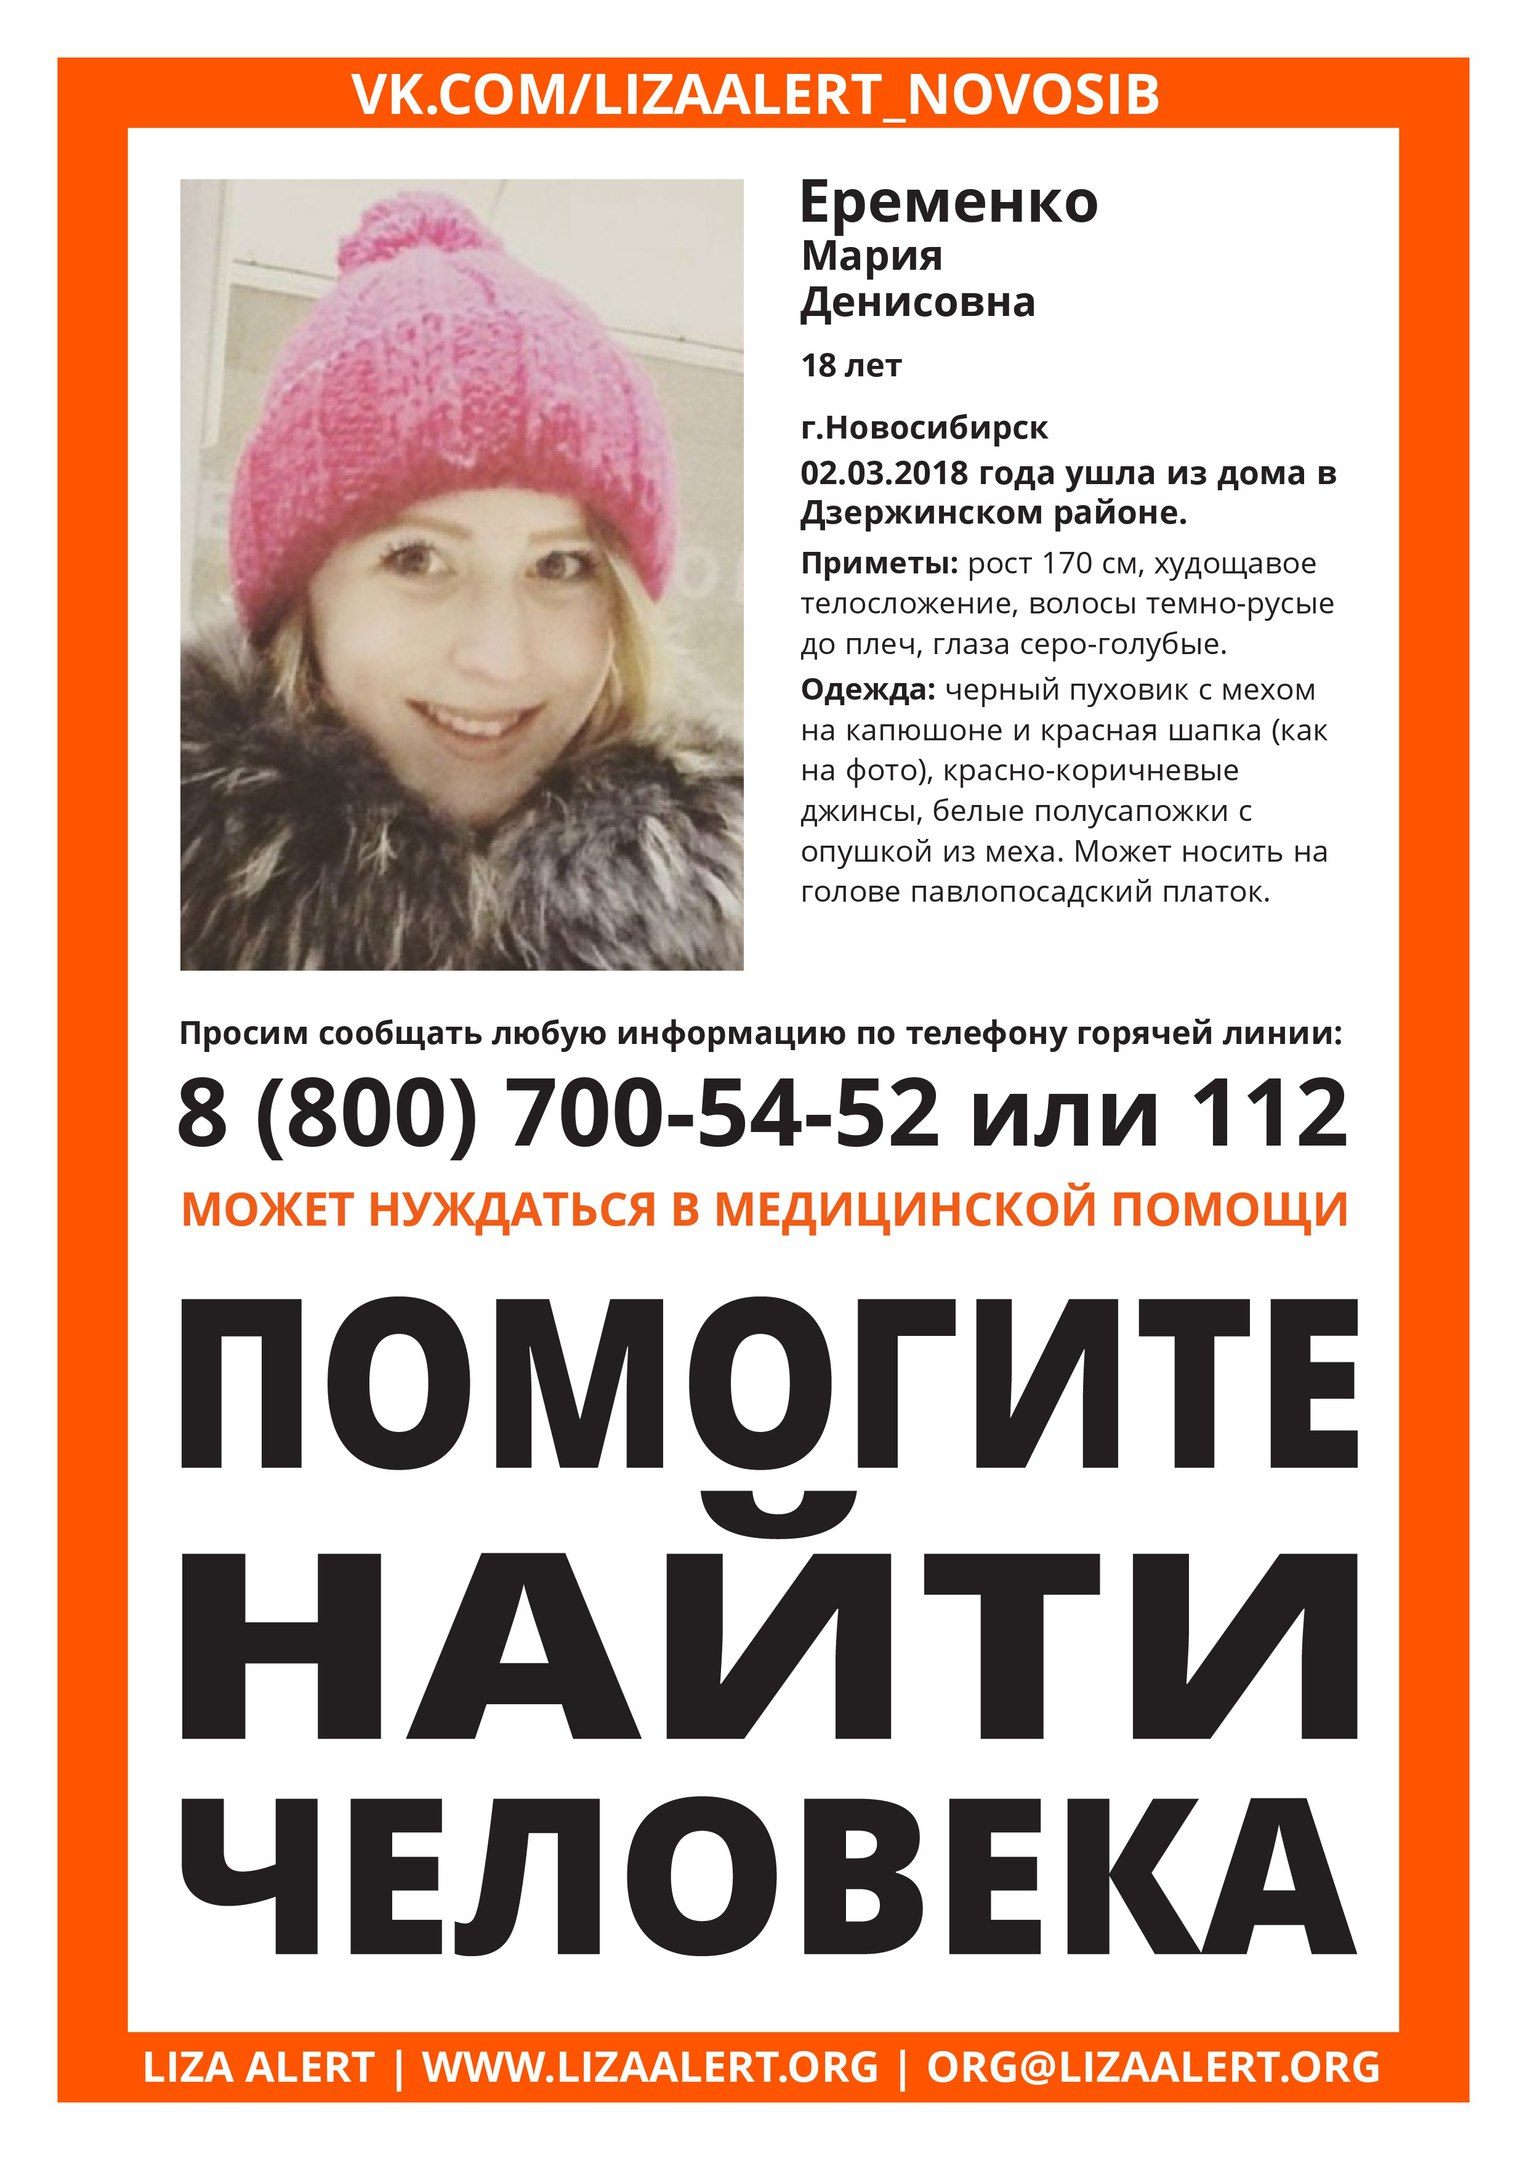 18-летняя жительница Новосибирска пропала сразу после смерти мужа